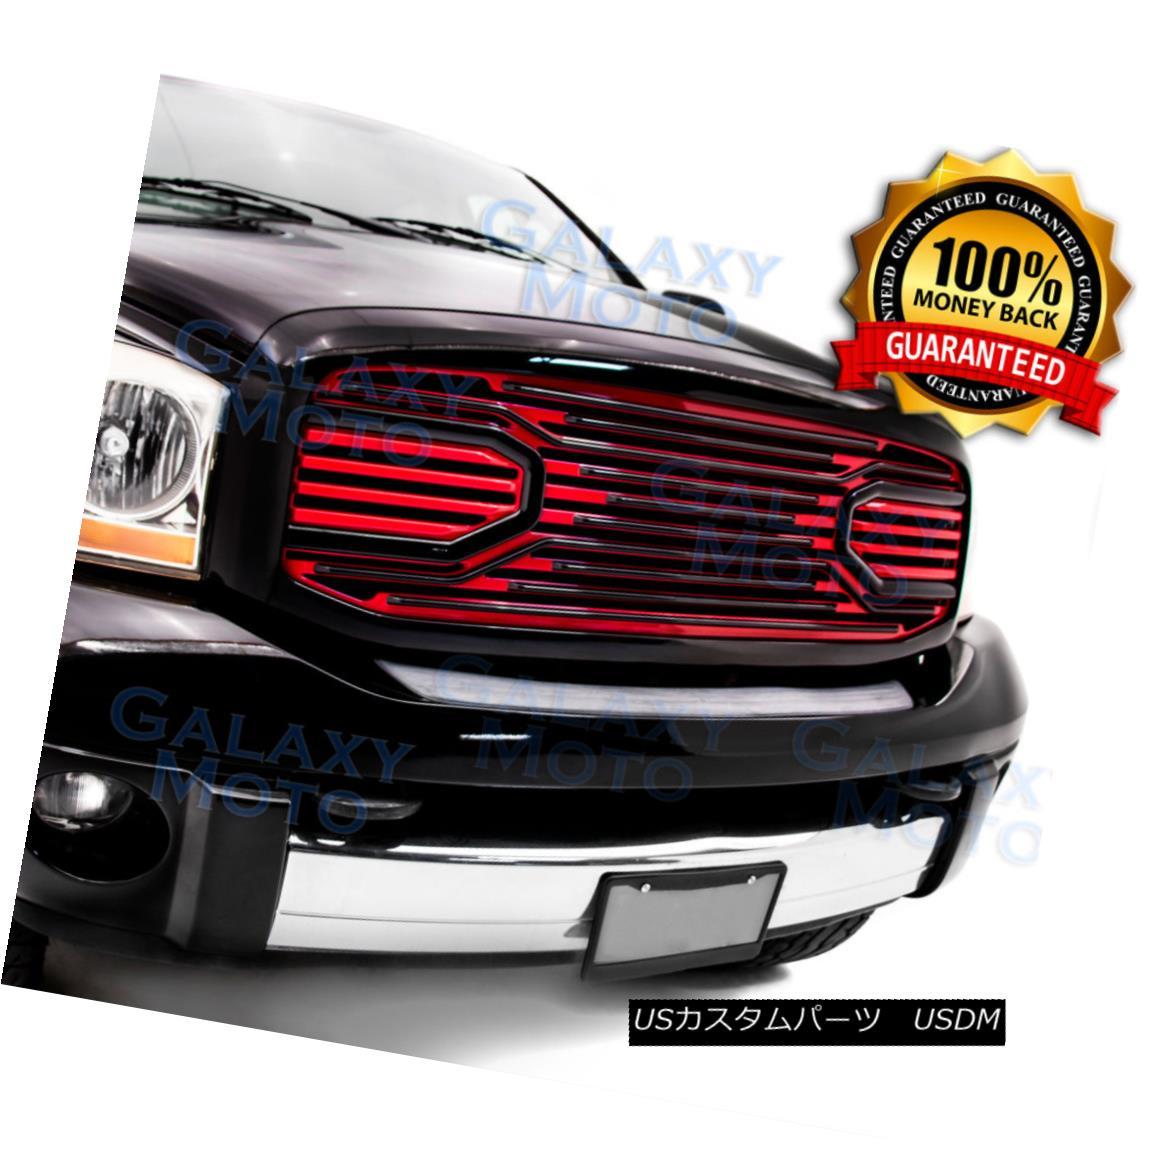 グリル 06-08 Dodge Ram 1500+2500+3500 Limited Big Horn Black+Red Packaged Grille+Shell 06-08ダッジラム1500 + 2500 + 3500限定ビッグホーンブラック+レッドパッケージグリル+シェル